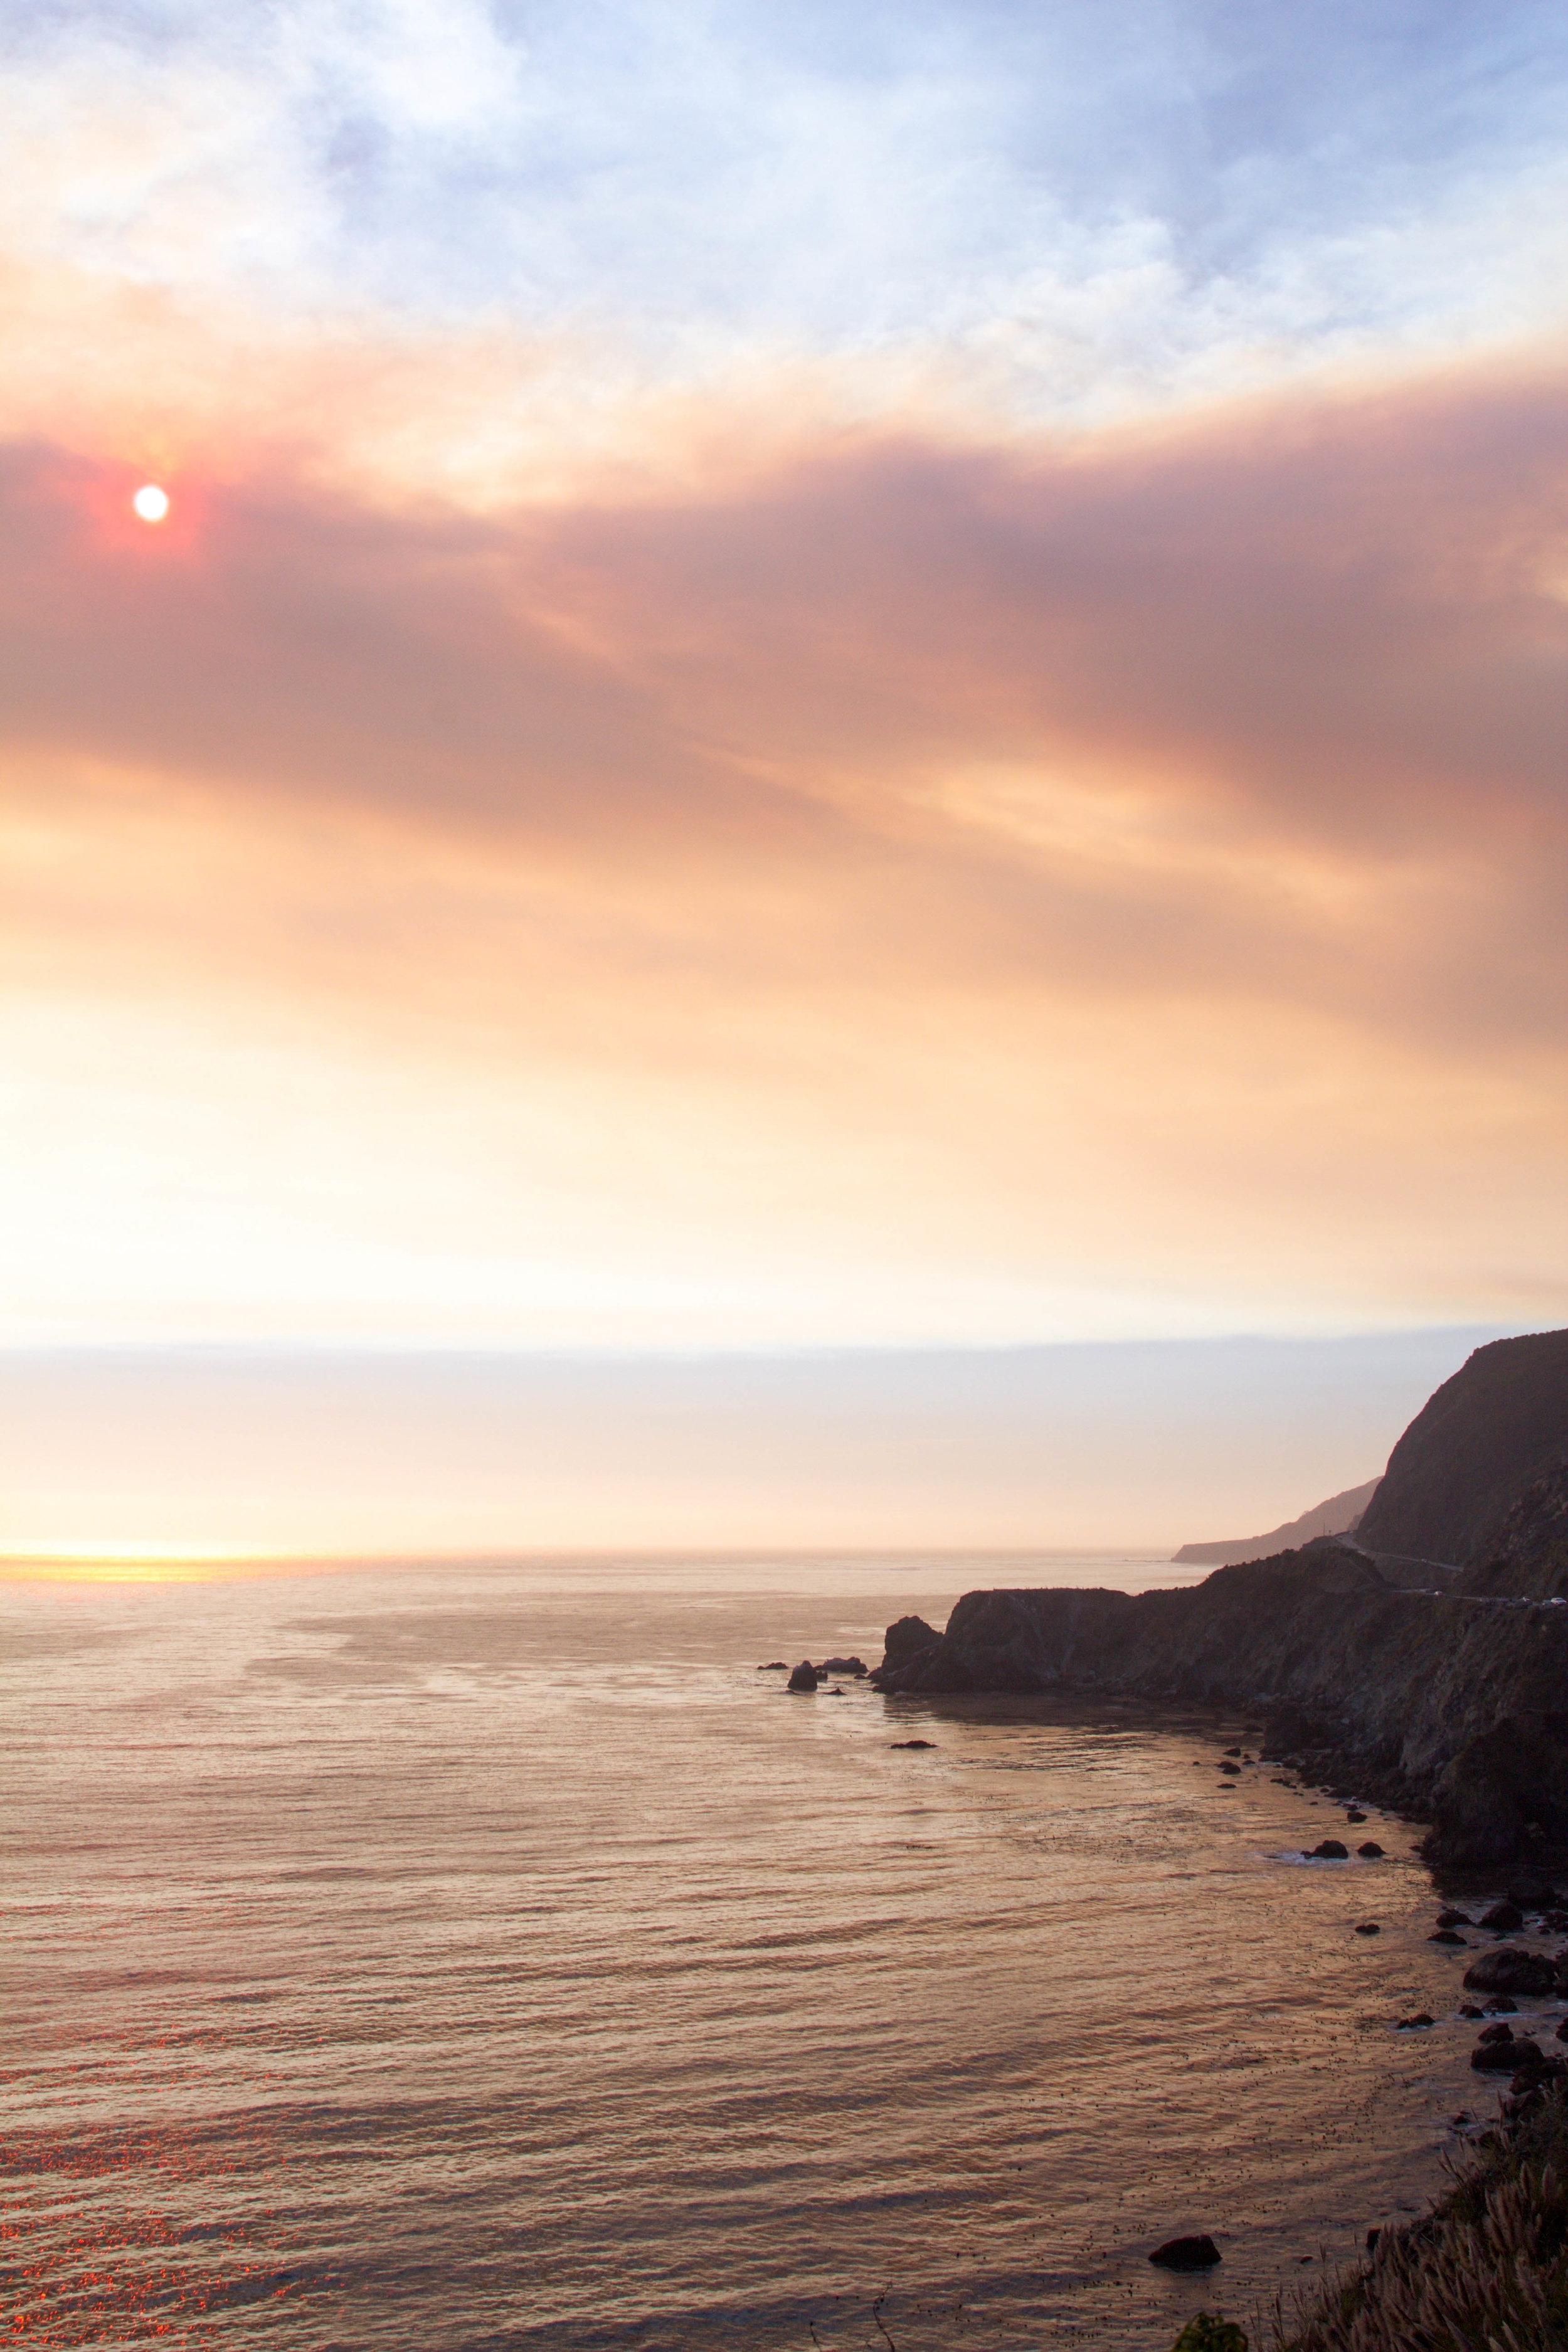 Big Sur coastline at sunset